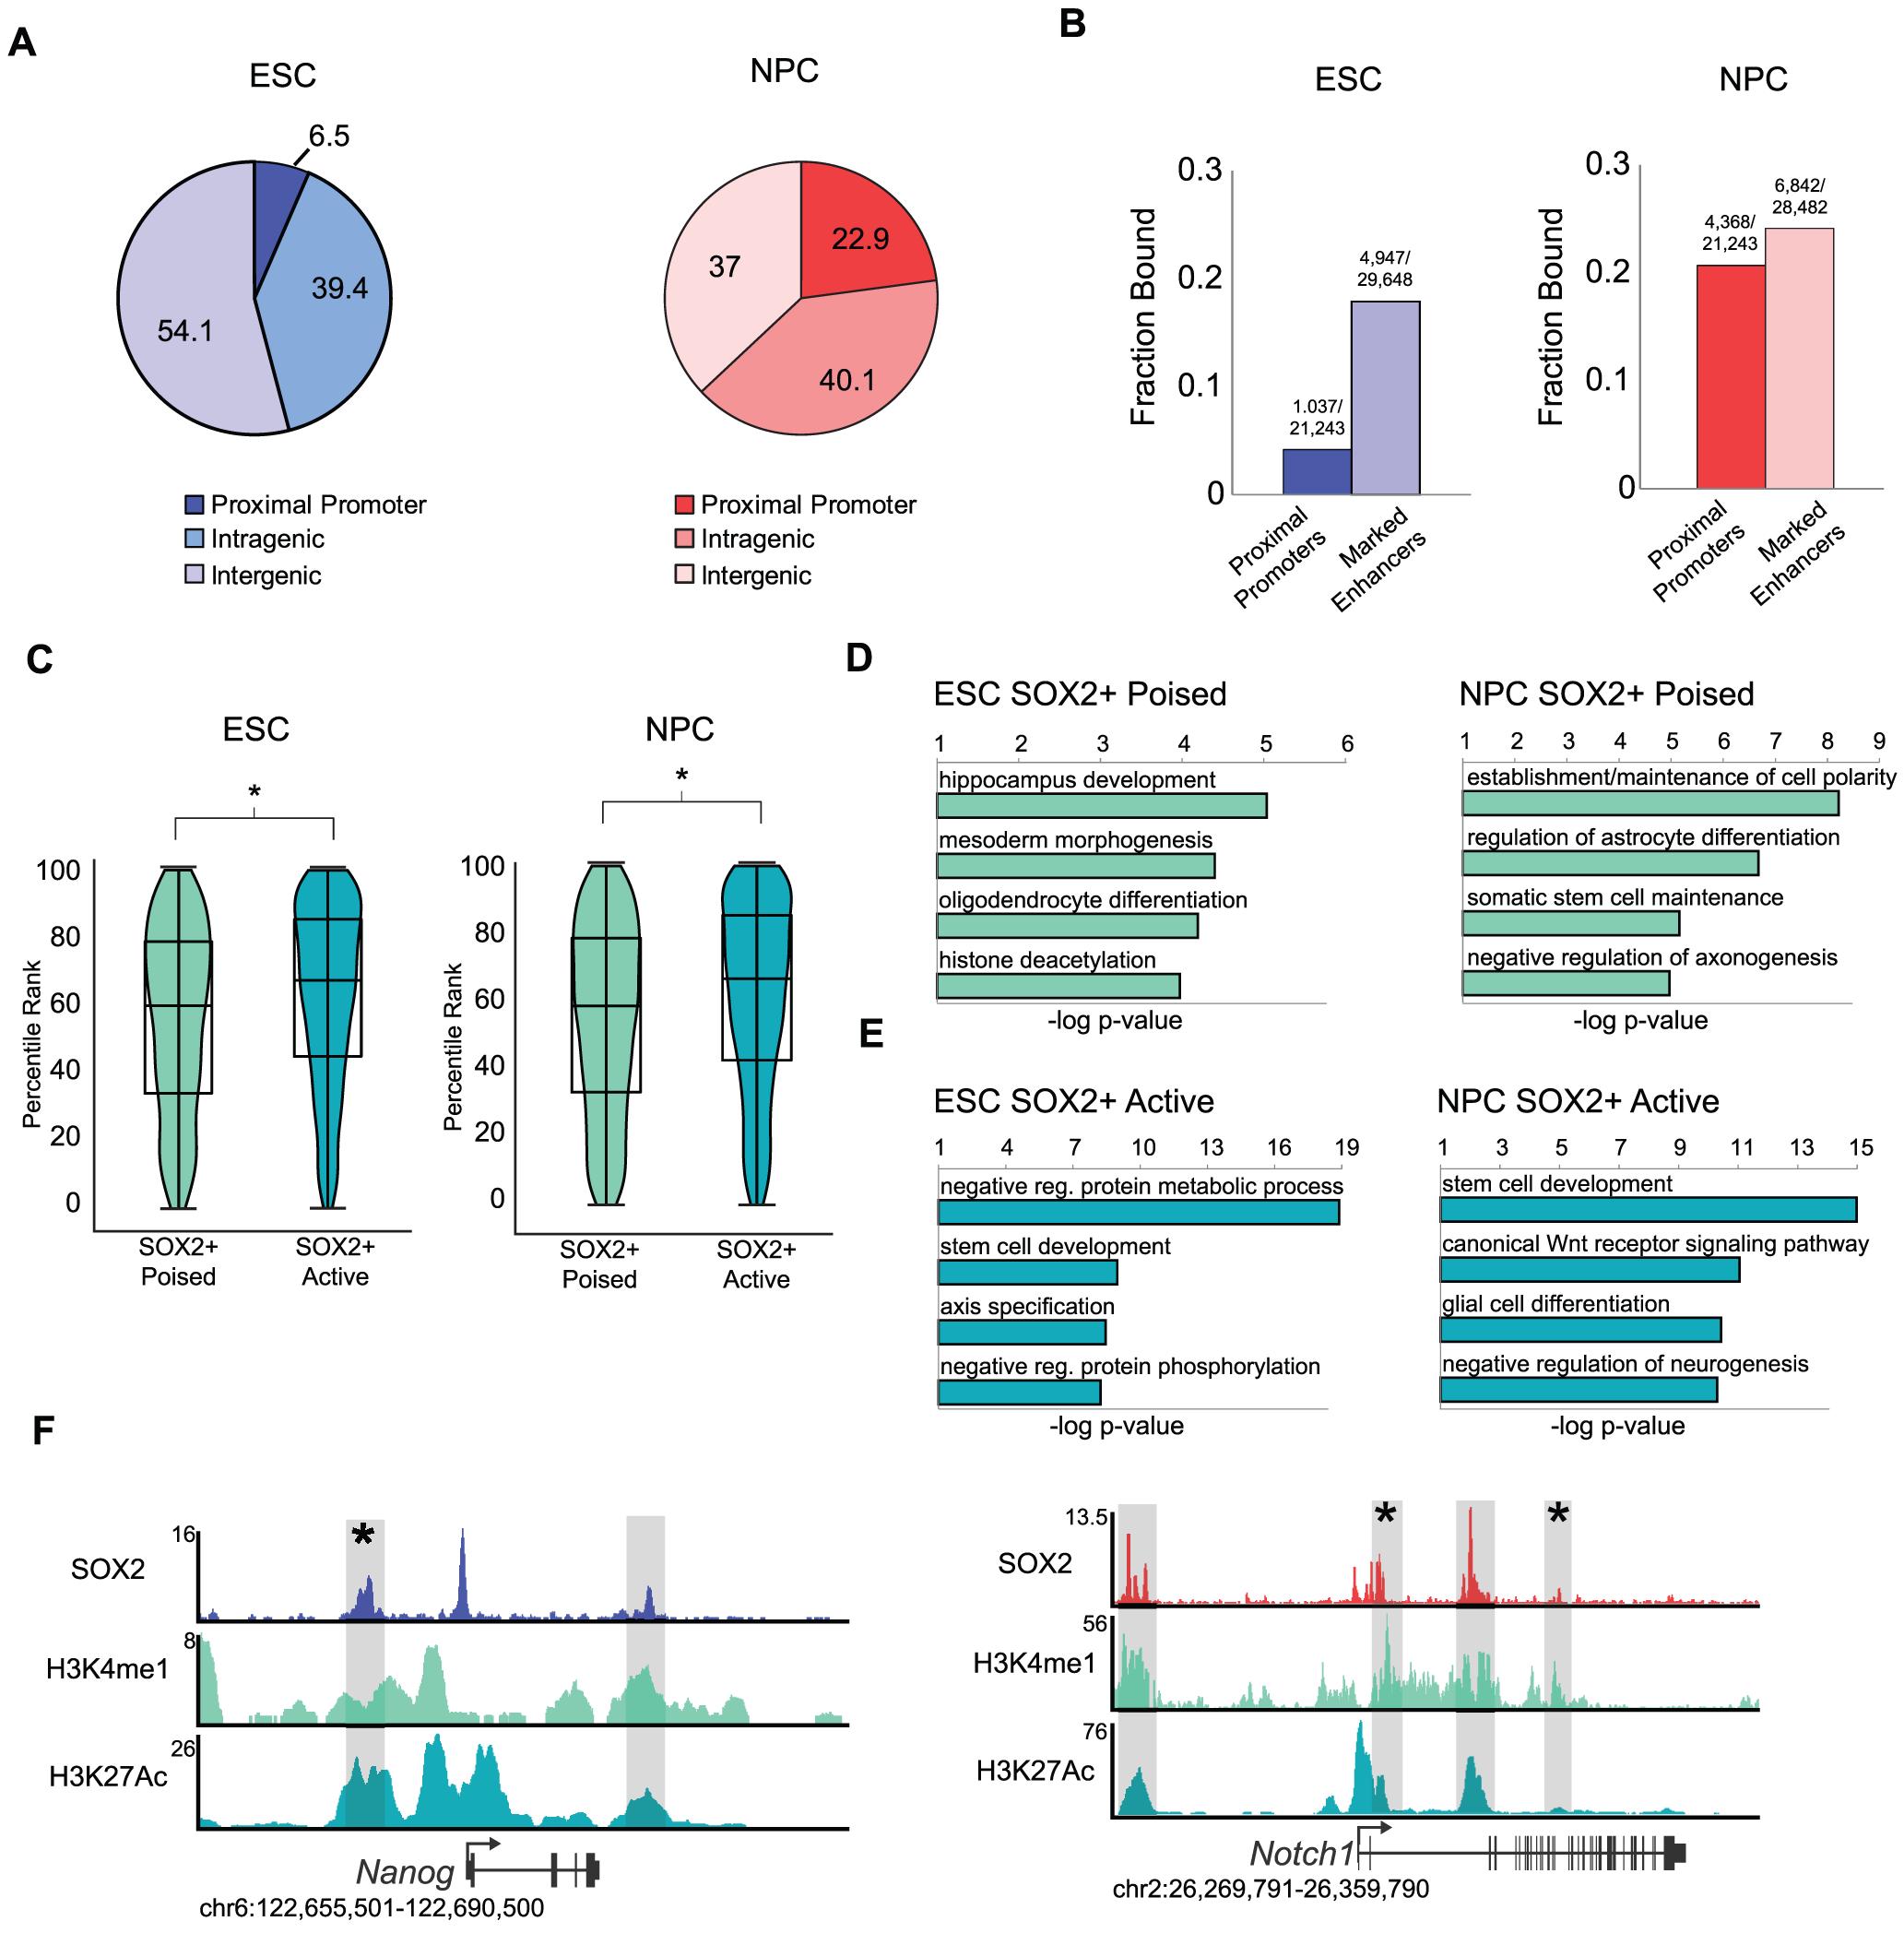 SOX2 binds distinct enhancer regions in ESCs and NPCs.